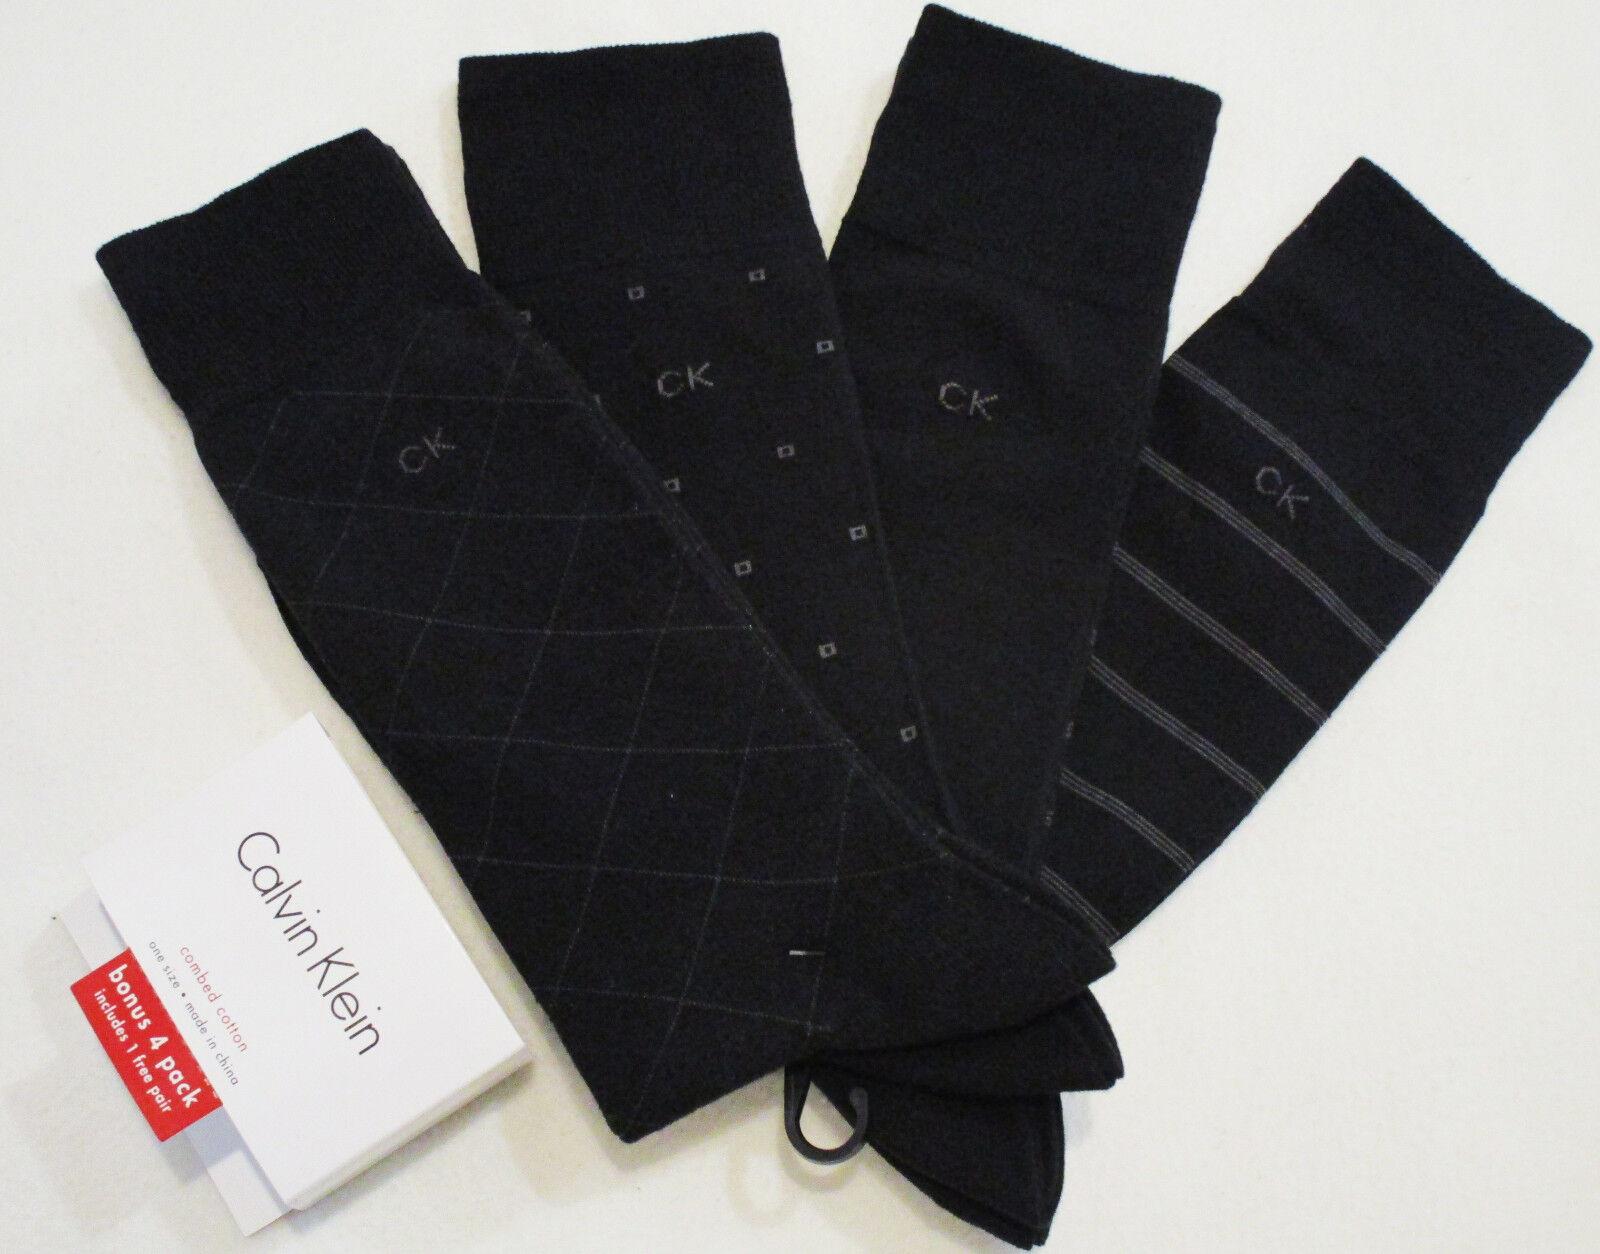 CALVIN KLEIN Dress men's socks 4 pairs black NEW